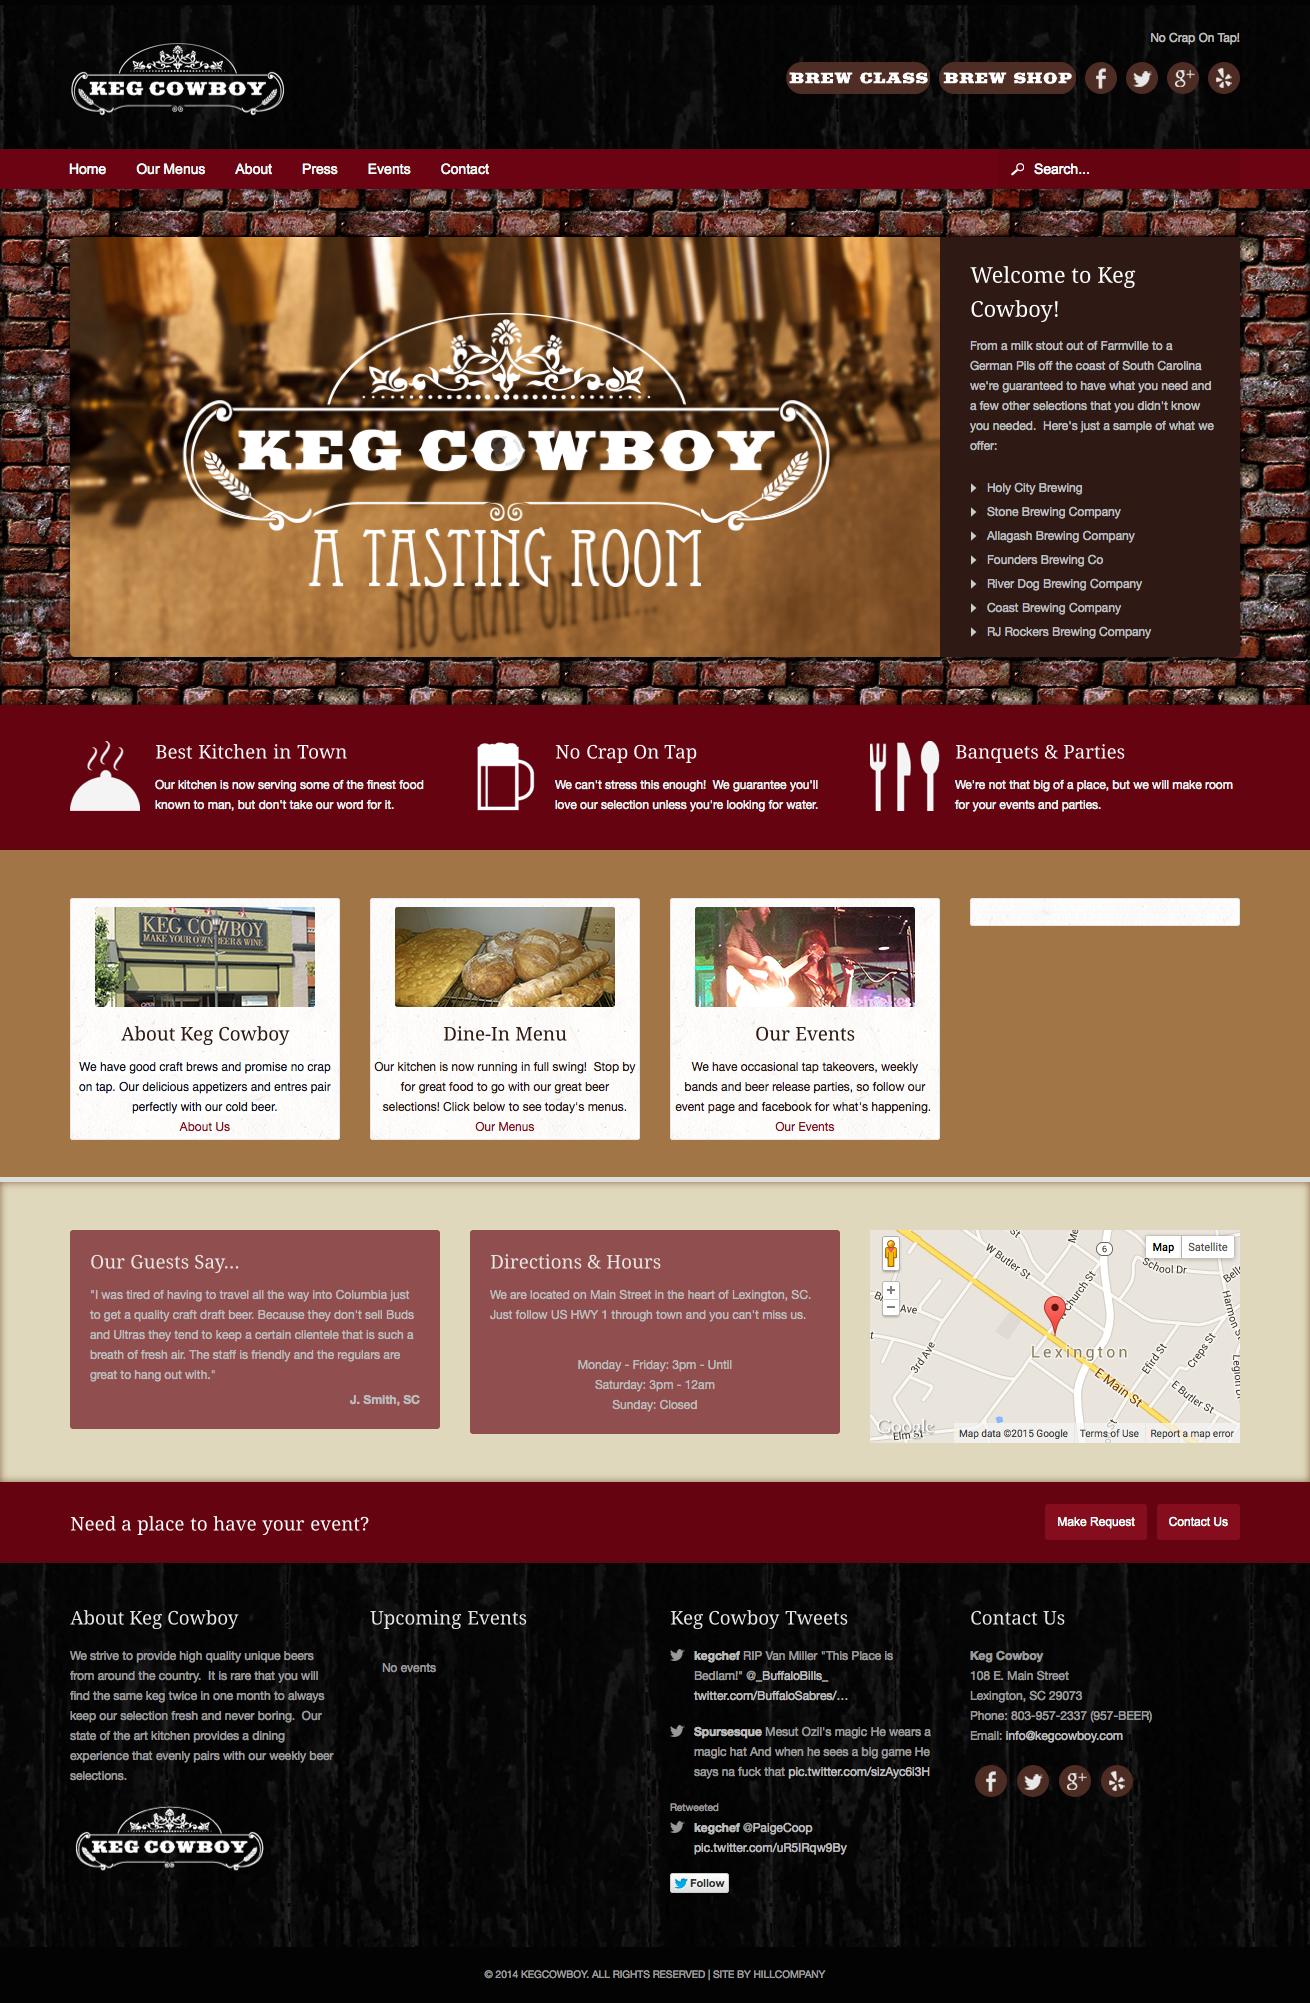 Keg Cowboy